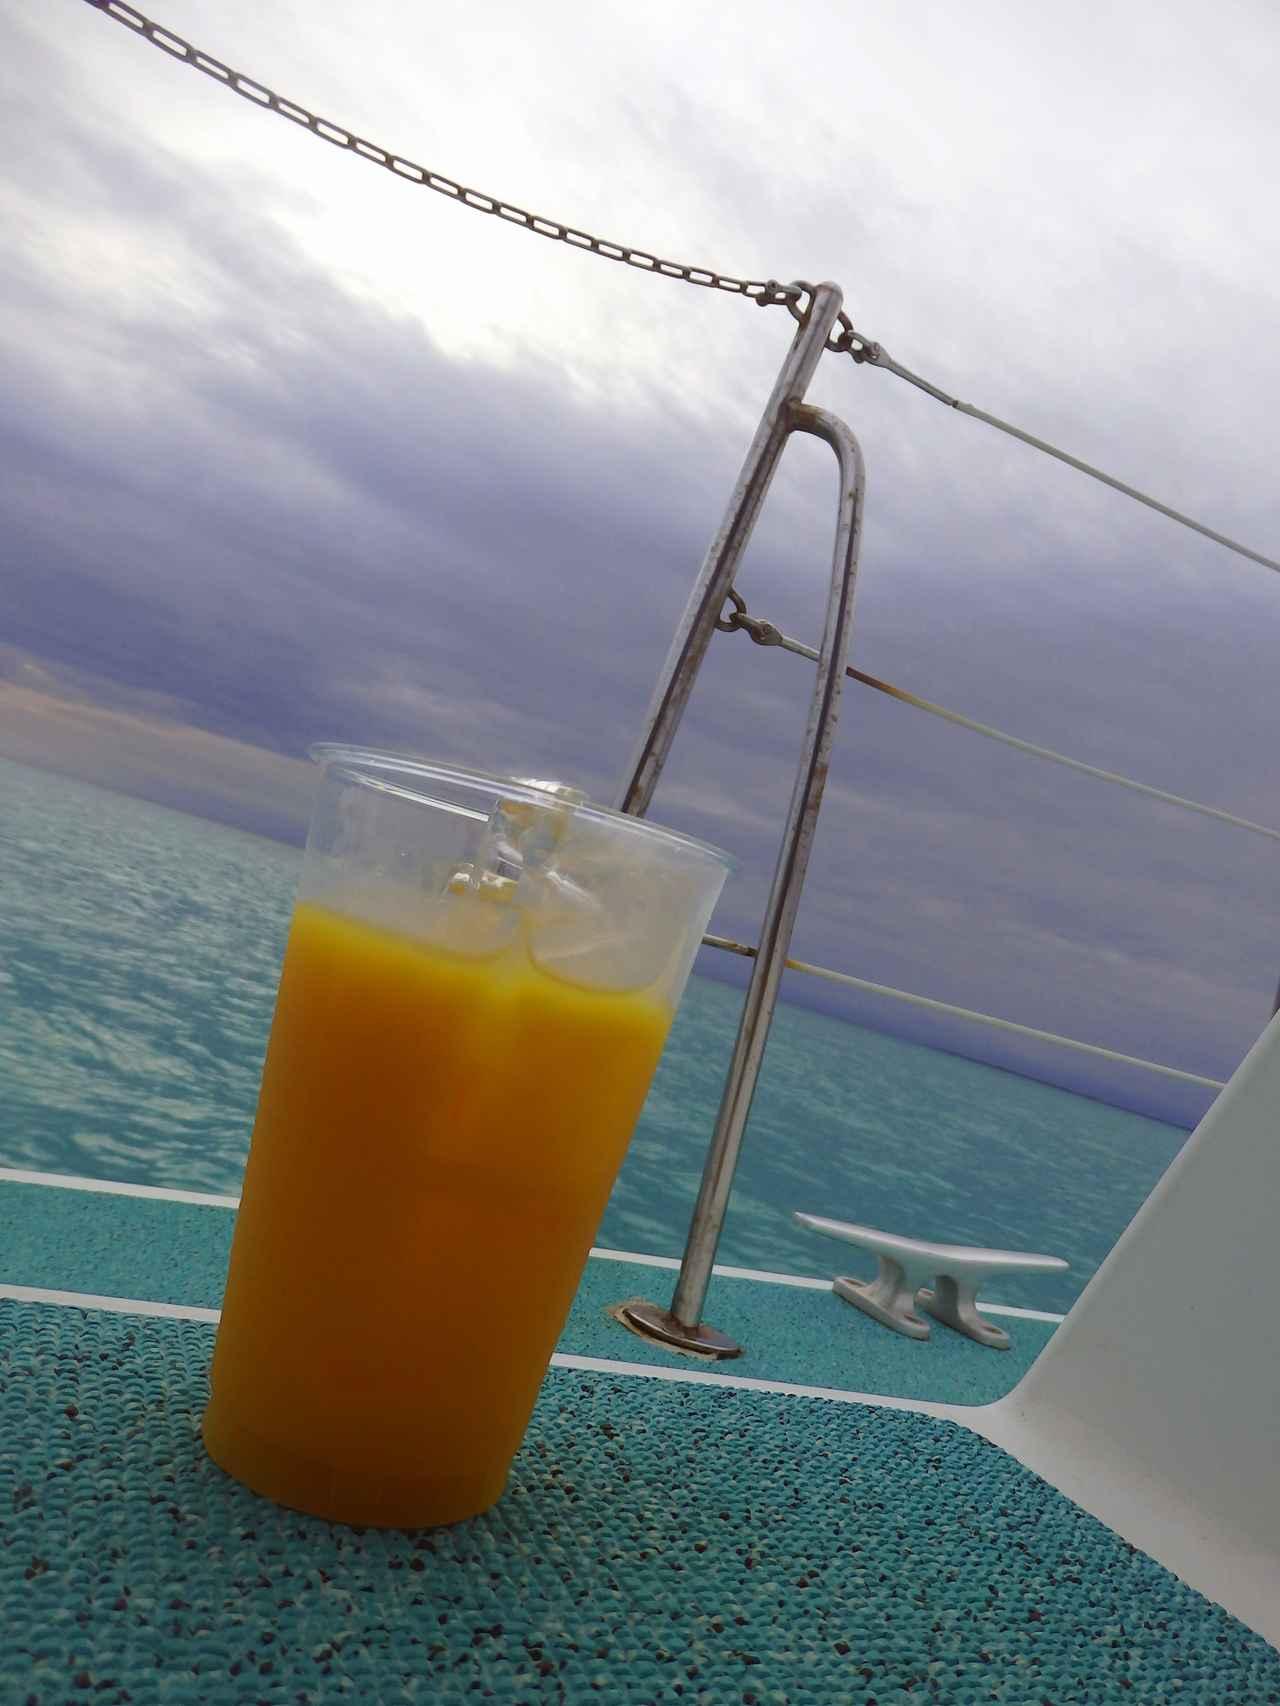 画像: 宮古島でサンセットクルーズを楽しむ-沖縄旅行激安予約サイトの沖縄旅予約ドットコム